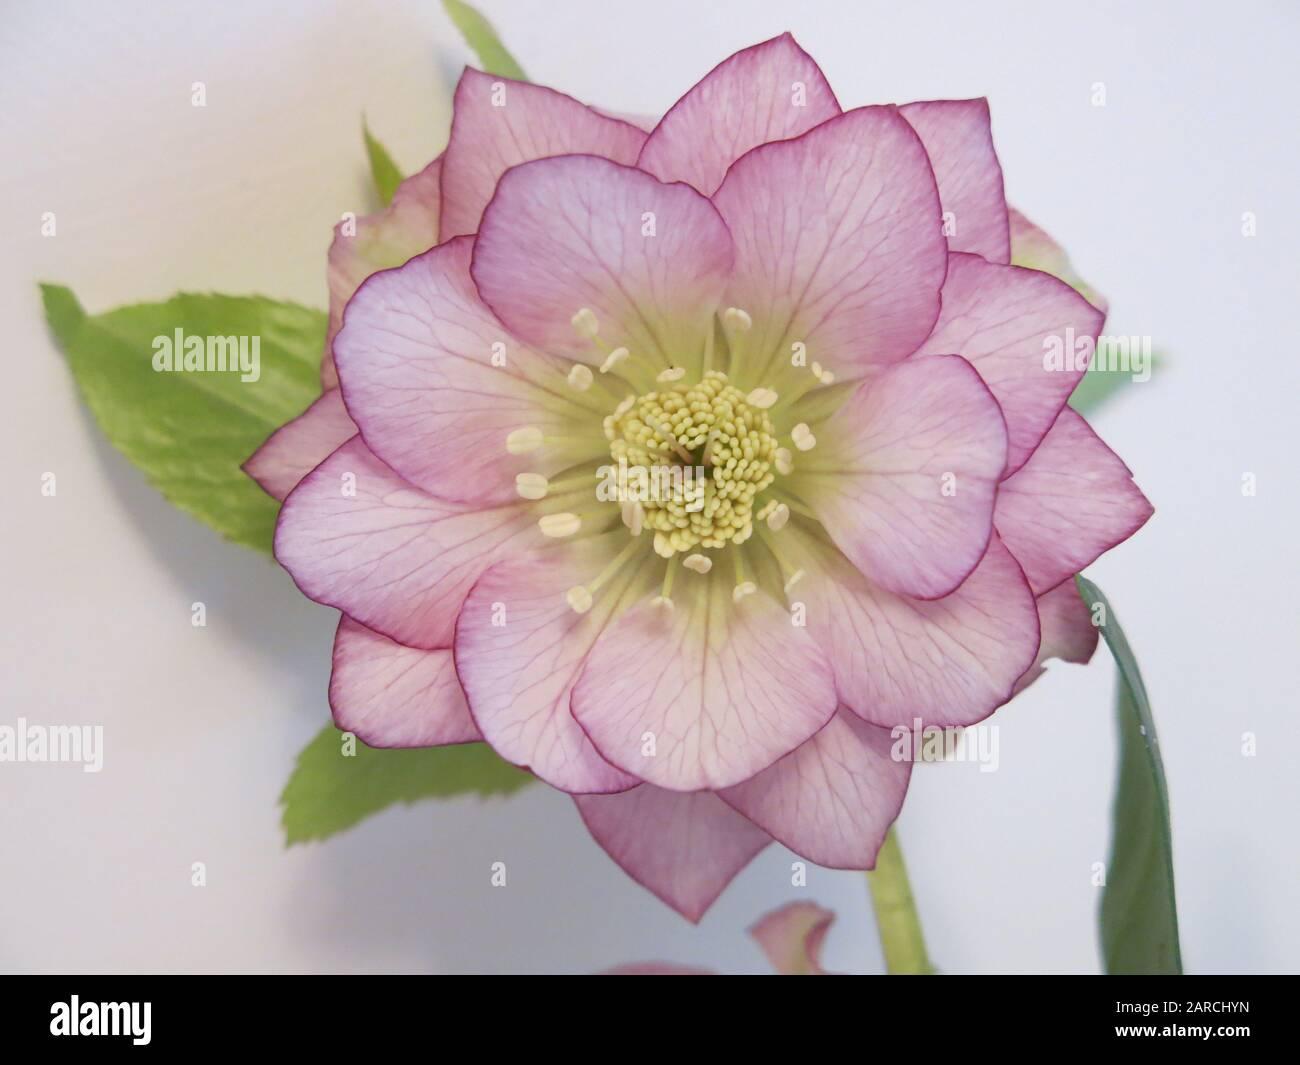 Gros plan de la fleur de sainty d'un hellebore à fleurs d'hiver avec pétales roses pâle teintés dans un rose plus profond autour des bords. Banque D'Images